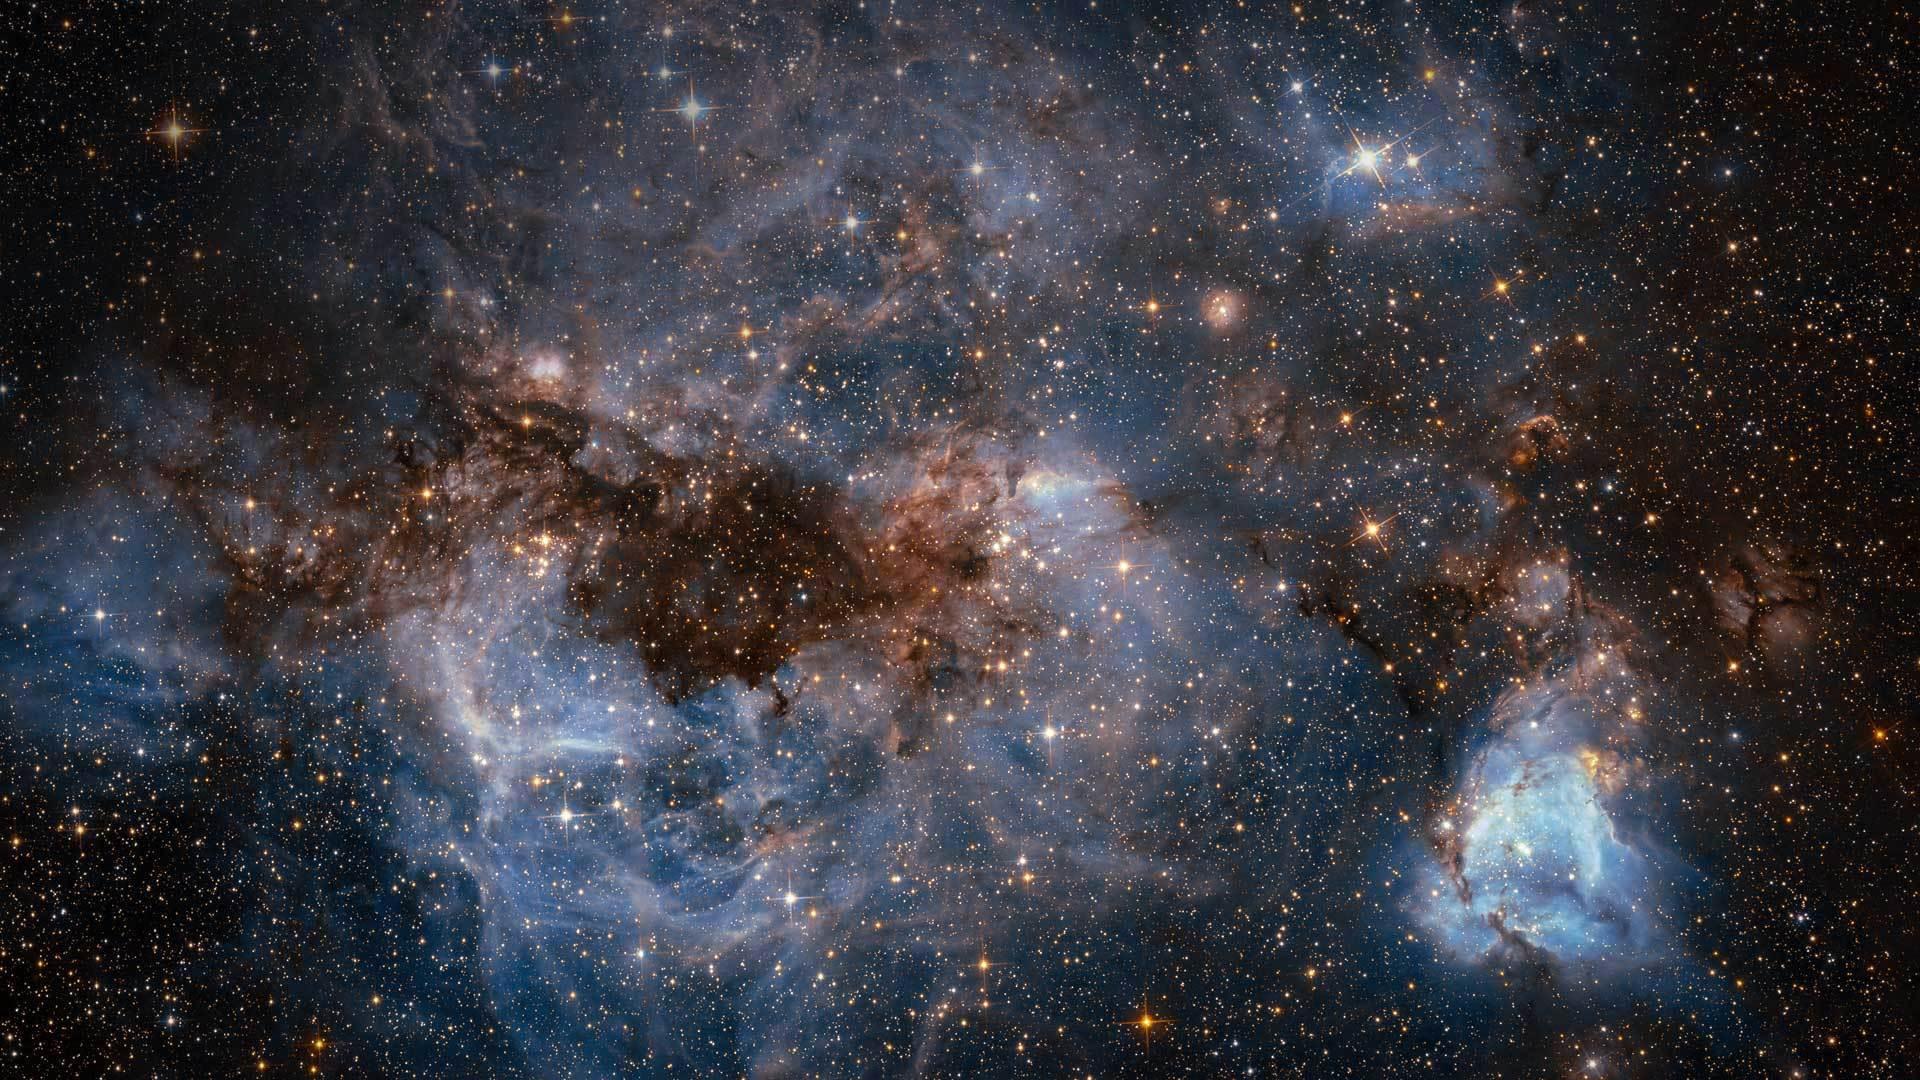 由哈勃太空望远镜拍摄的大麦哲伦星云大麦哲伦星云